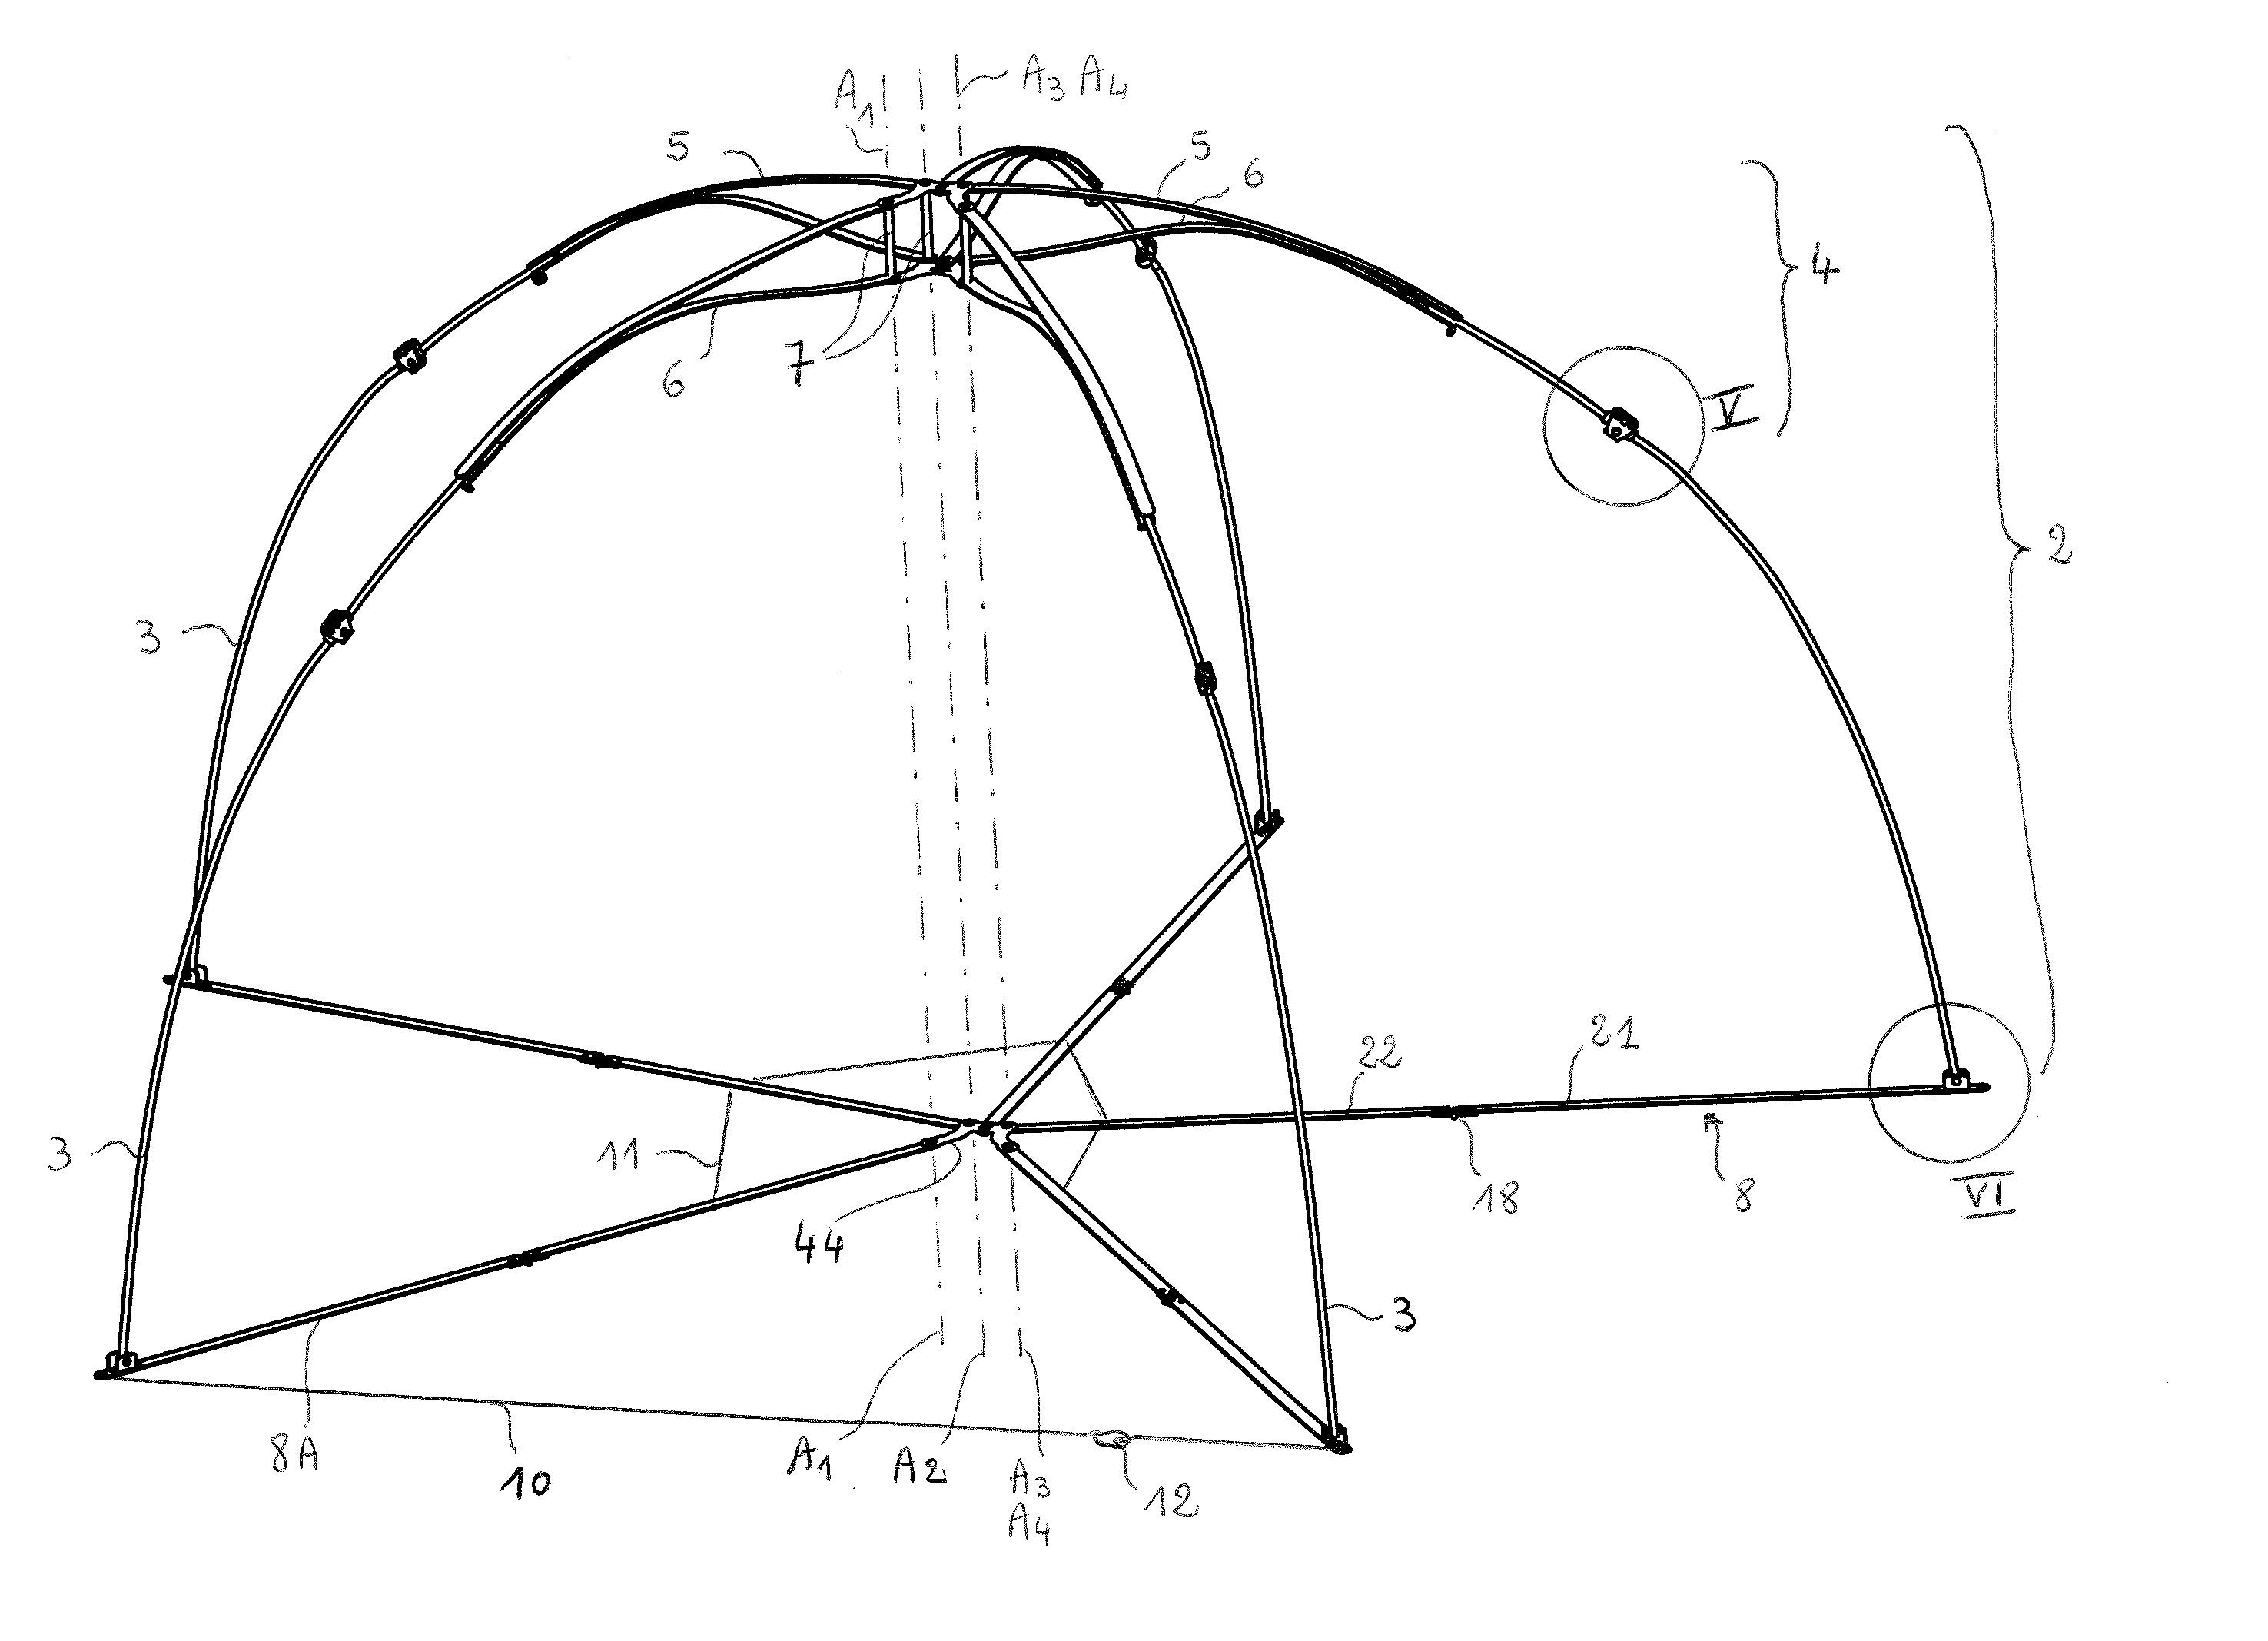 Bureau etudes mecanique - calcul de structure